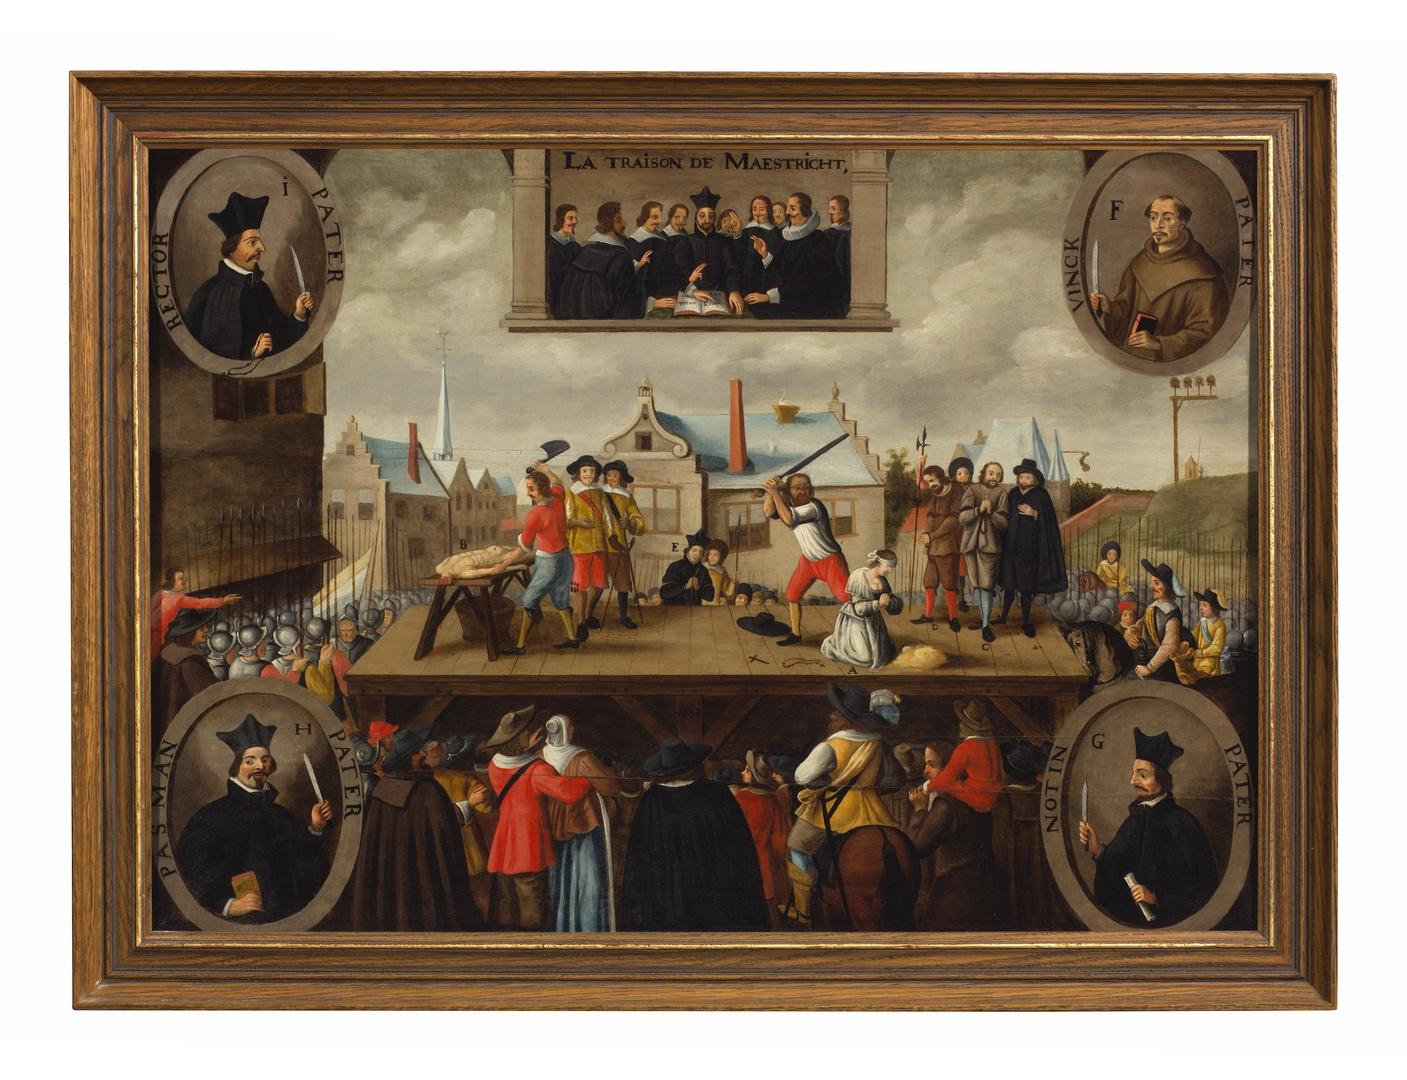 Terechtstelling der beklaagden inzake het Verraad van Maastricht in 1638. La traison de Maestricht